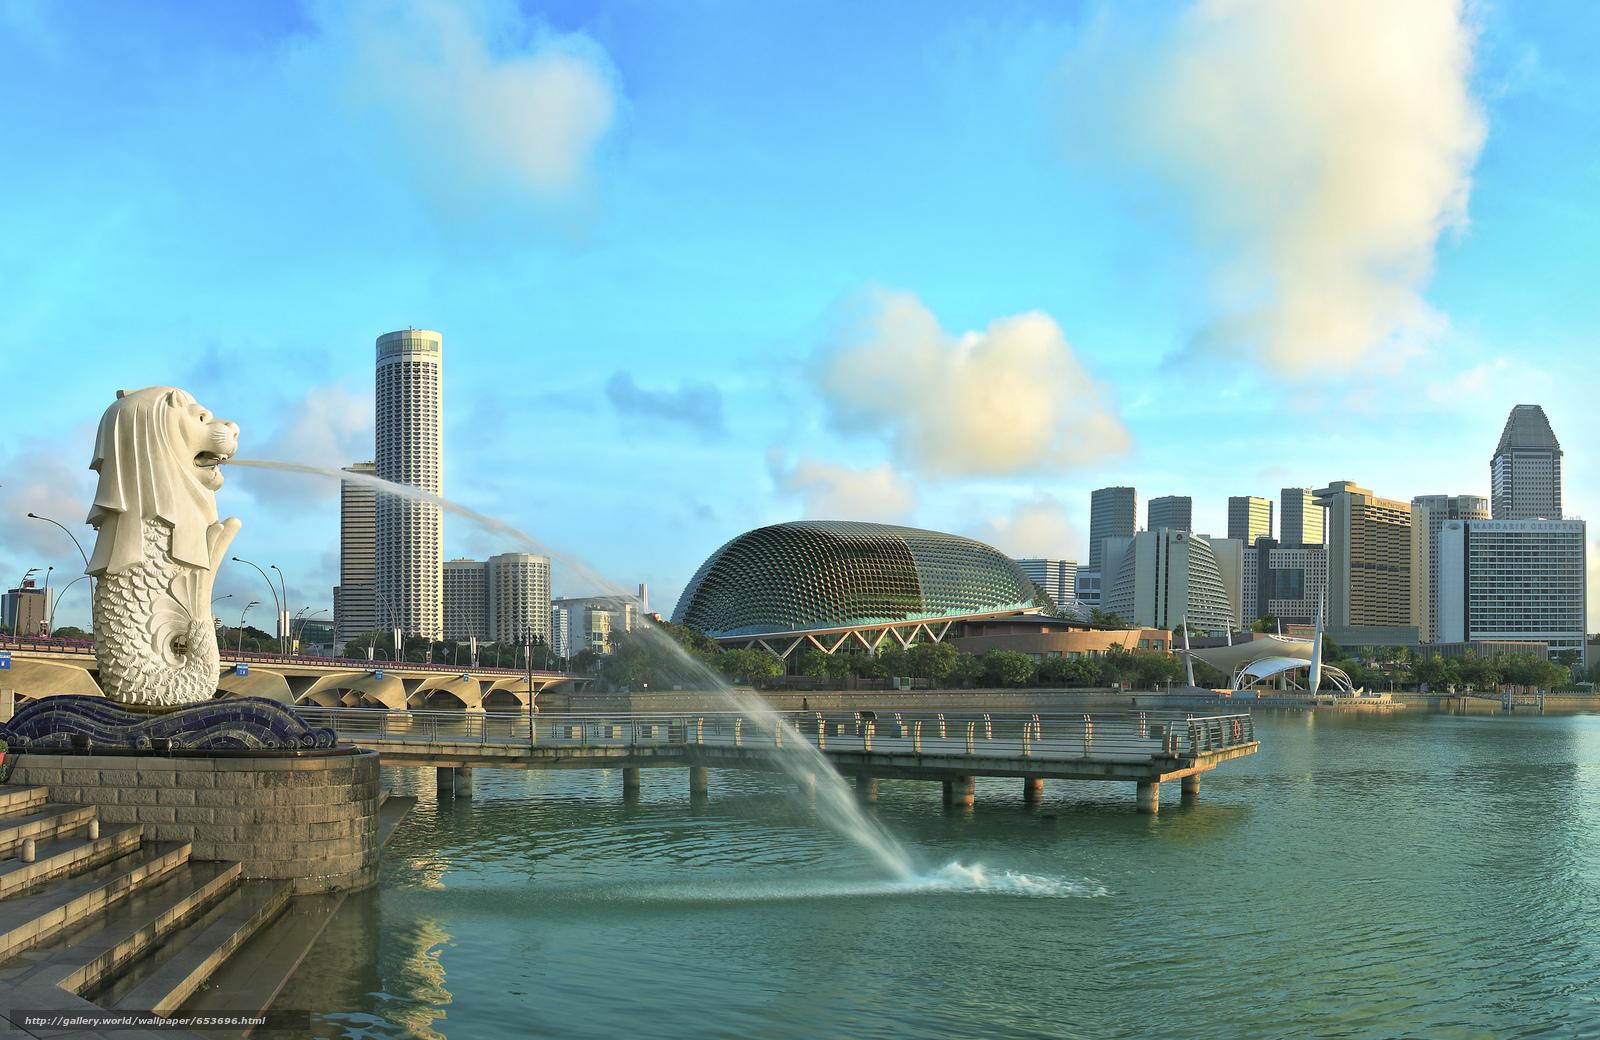 Скачать обои Сингапур,  Singapore,  город бесплатно для рабочего стола в разрешении 2048x1331 — картинка №653696